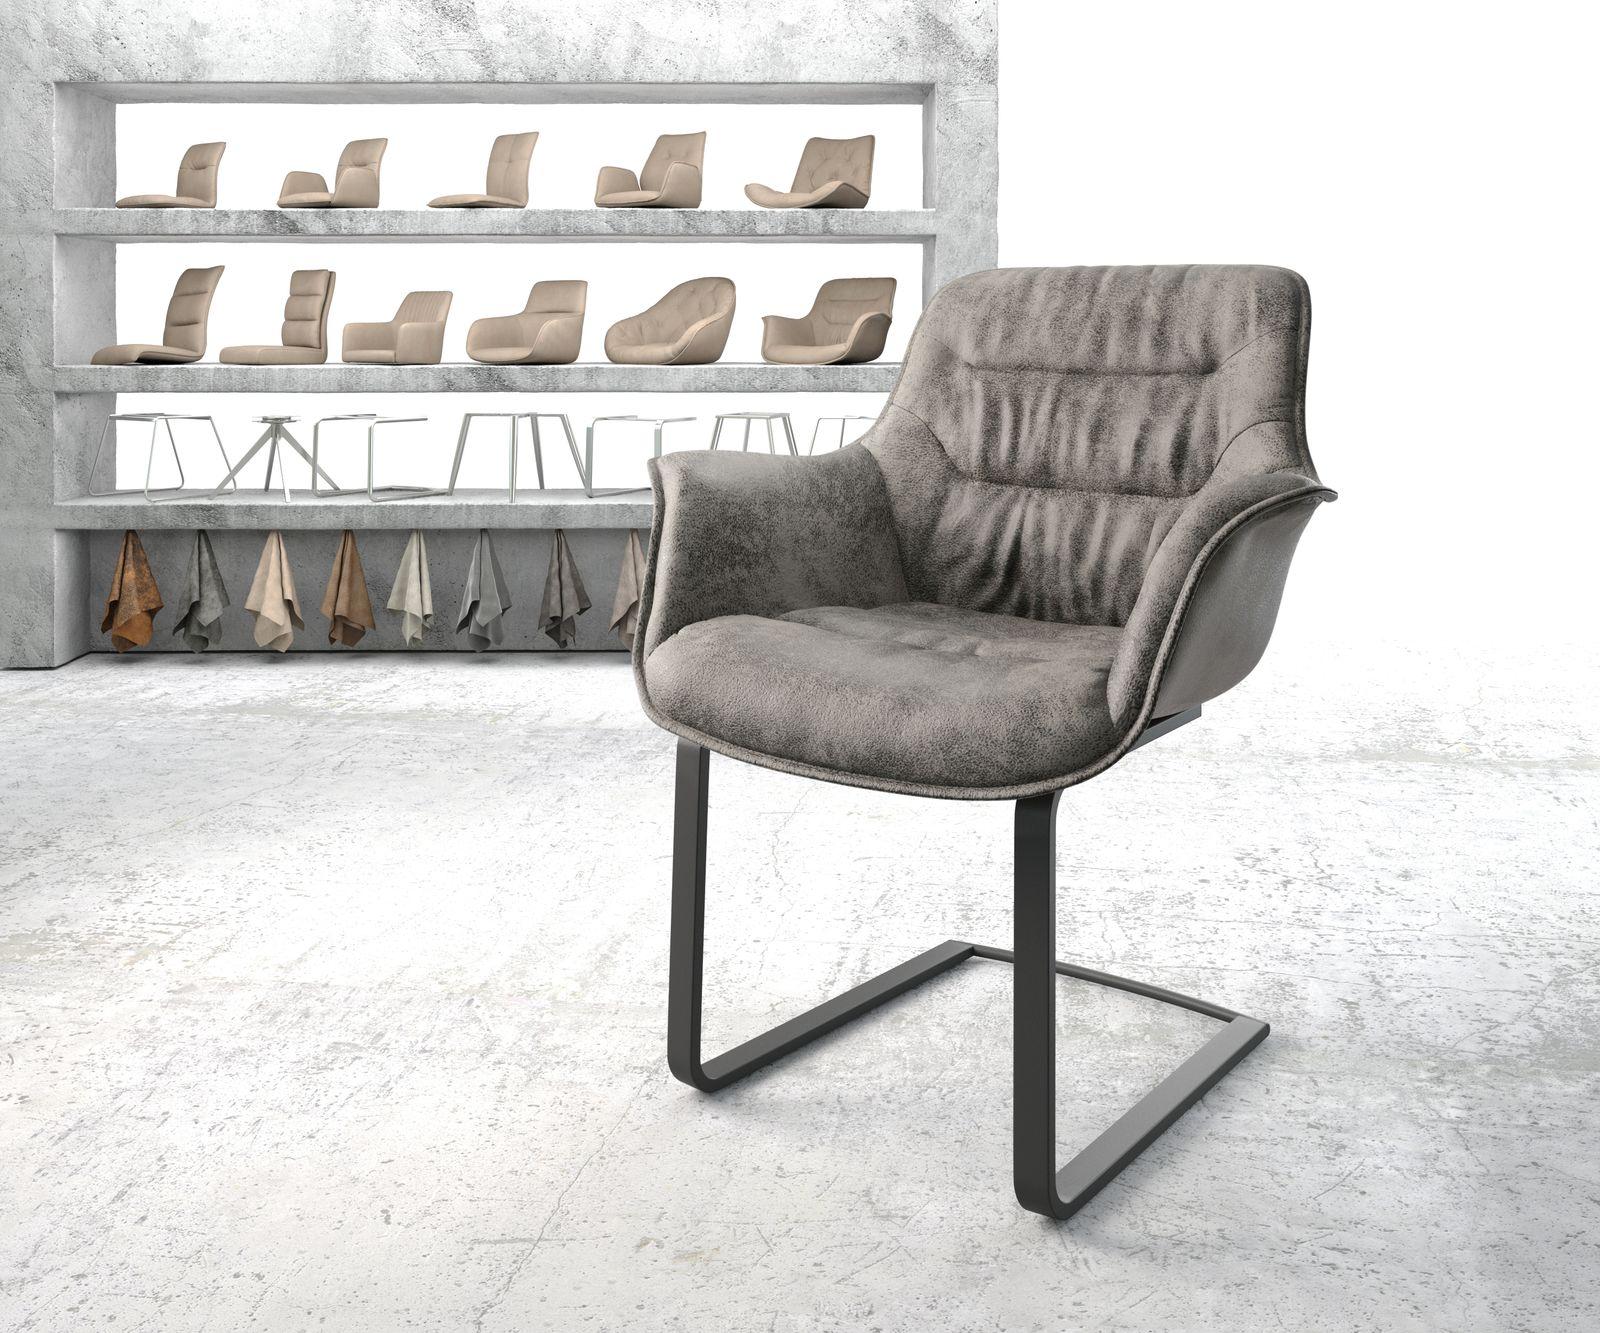 delife-armlehnstuhl-kaira-flex-grau-vintage-freischwinger-flach-schwarz-esszimmerstuhle